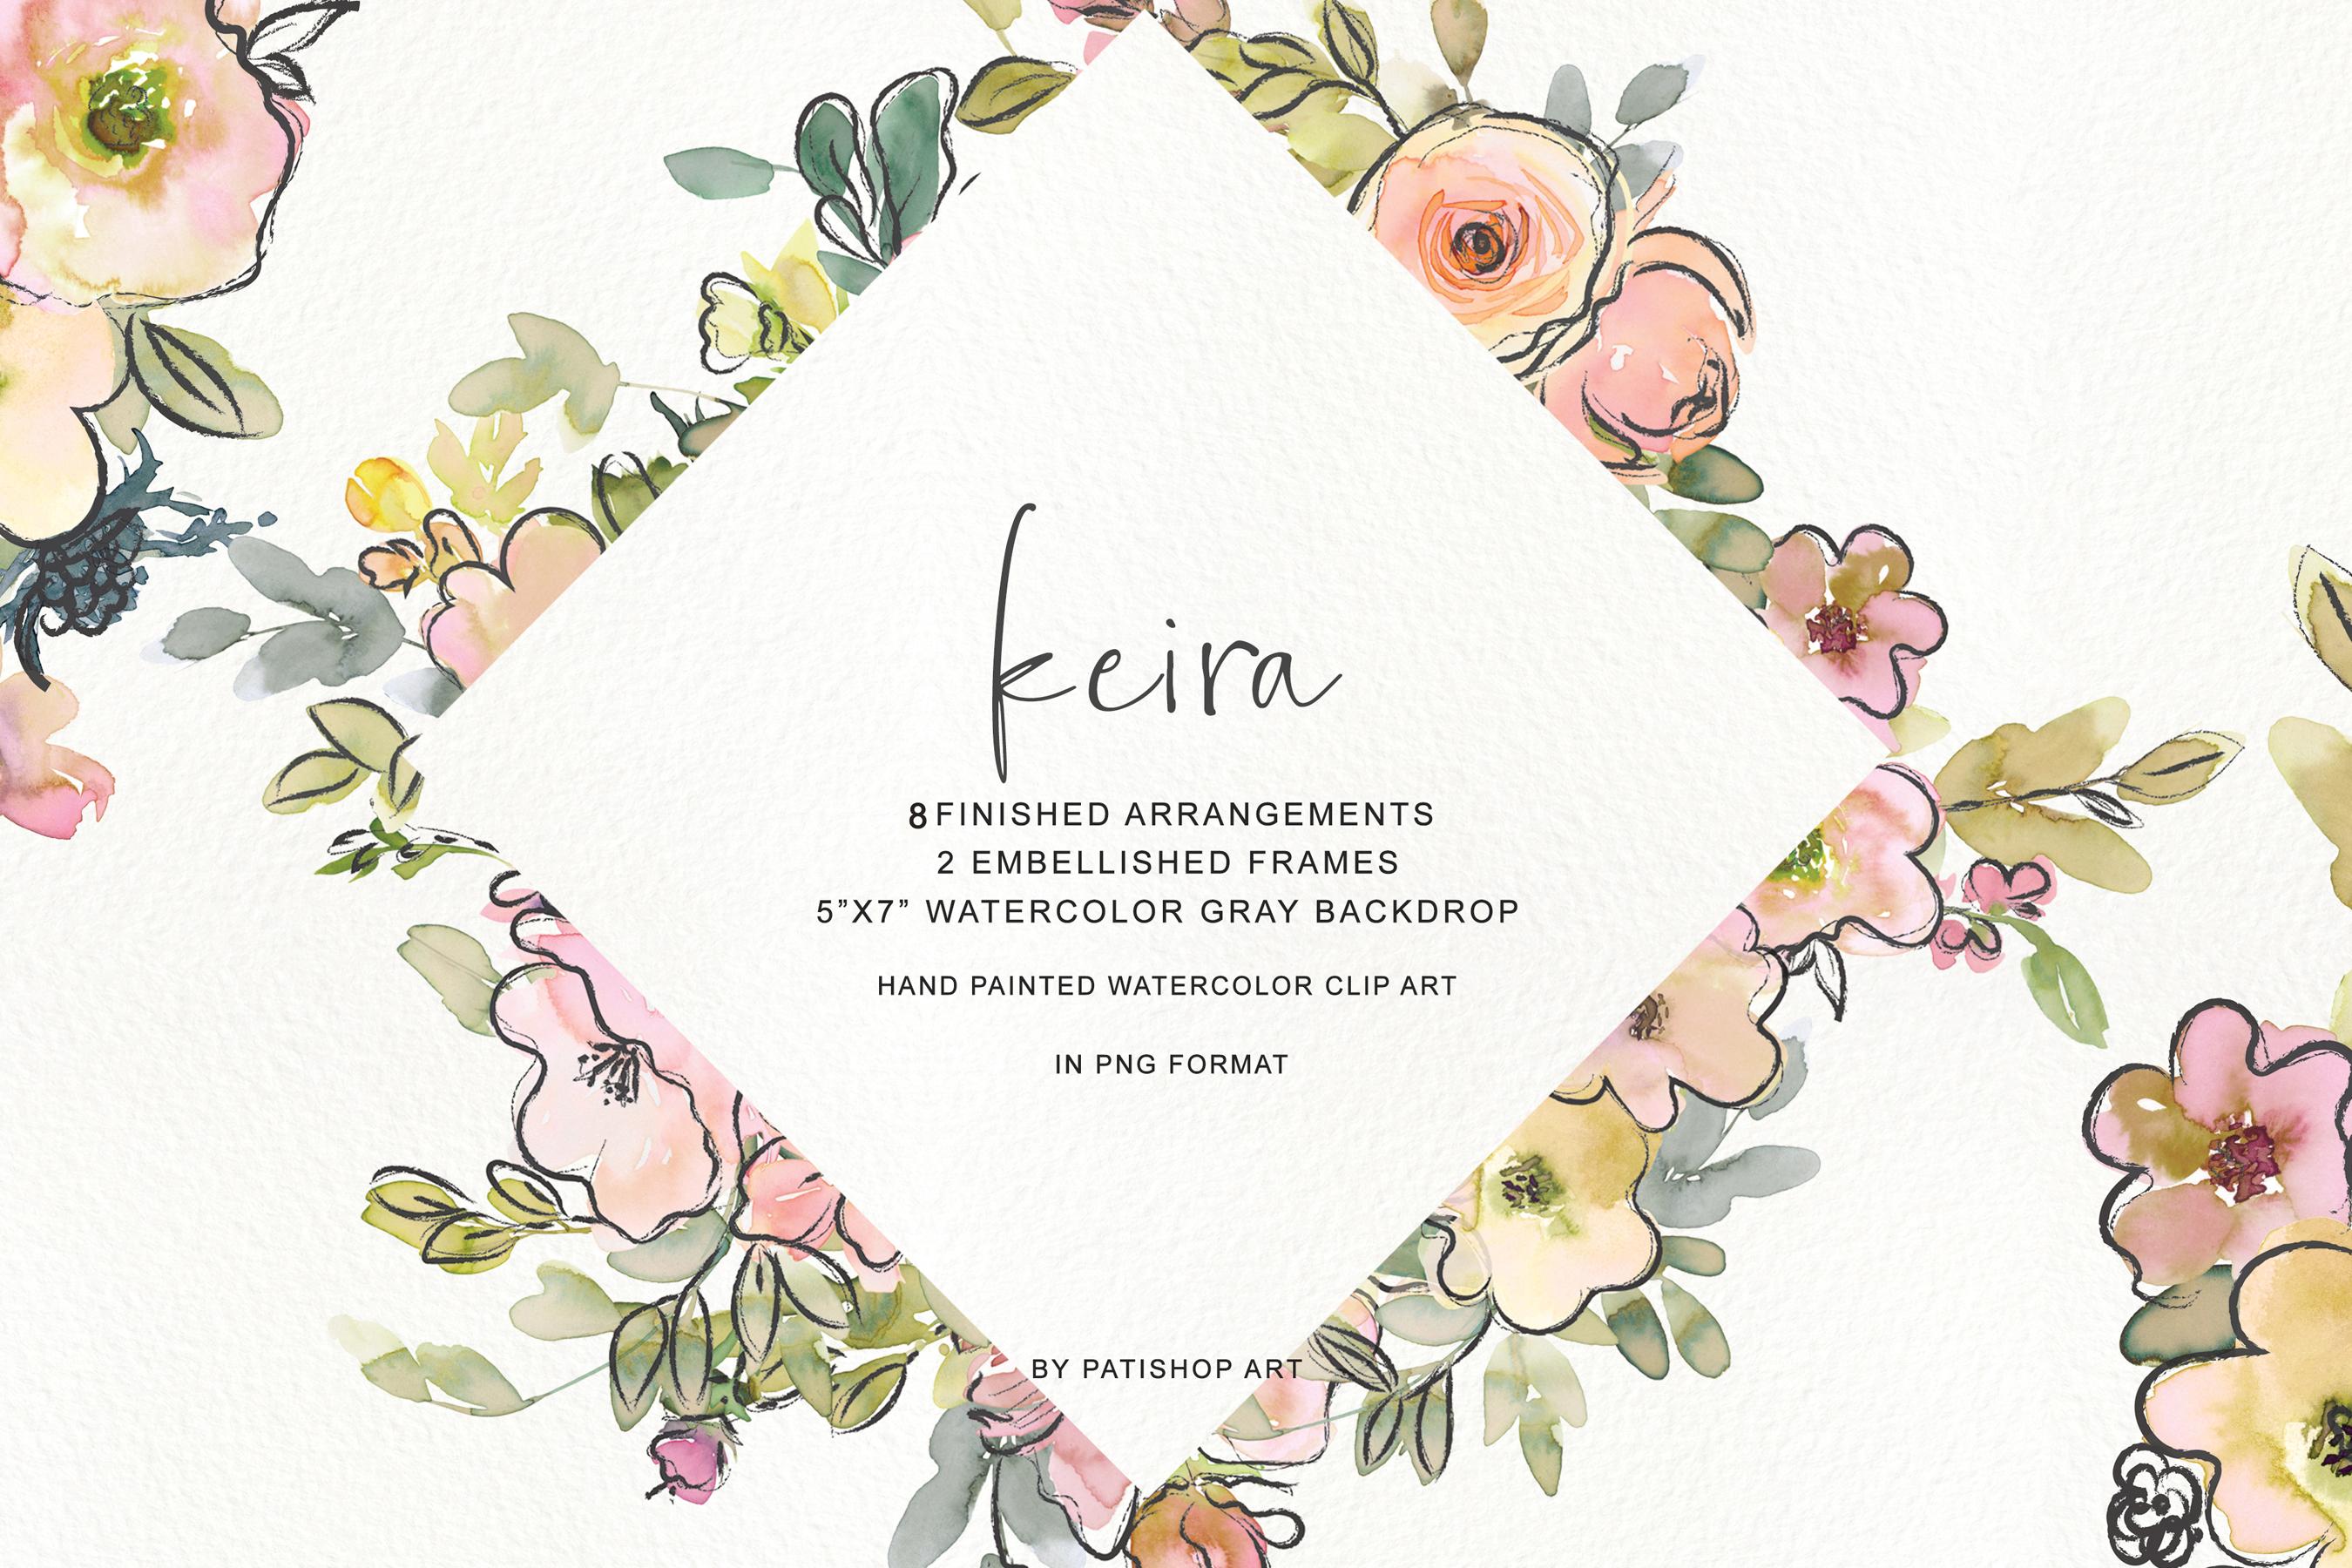 Watercolor Blush and Lemon Colors Floral Arrangements example image 2